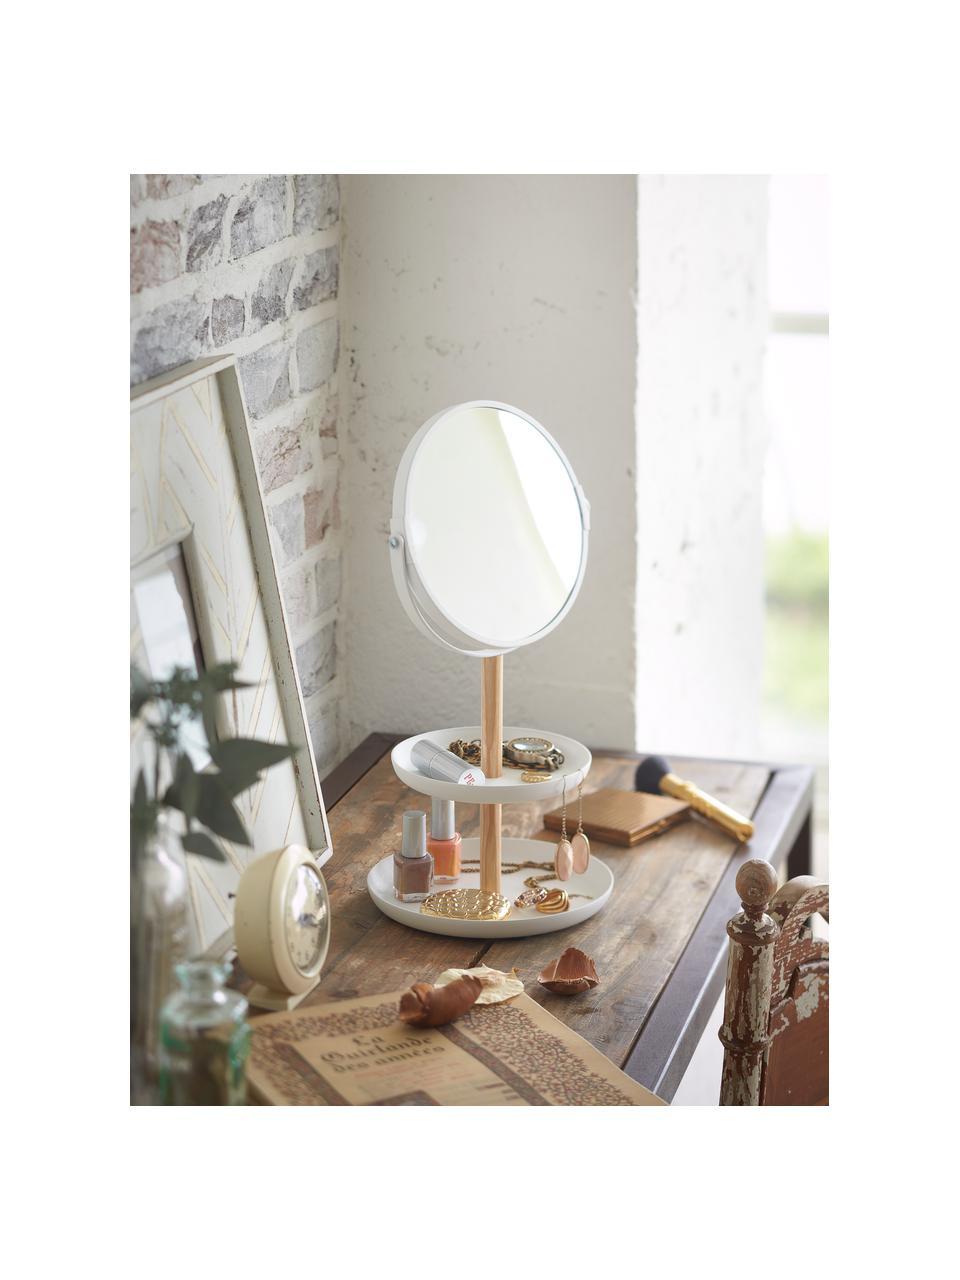 Kosmetikspiegel Tosca mit Vergrößerung, Stange: Holz, Spiegelfläche: Spiegelglas, Weiß, Braun, 18 x 33 cm